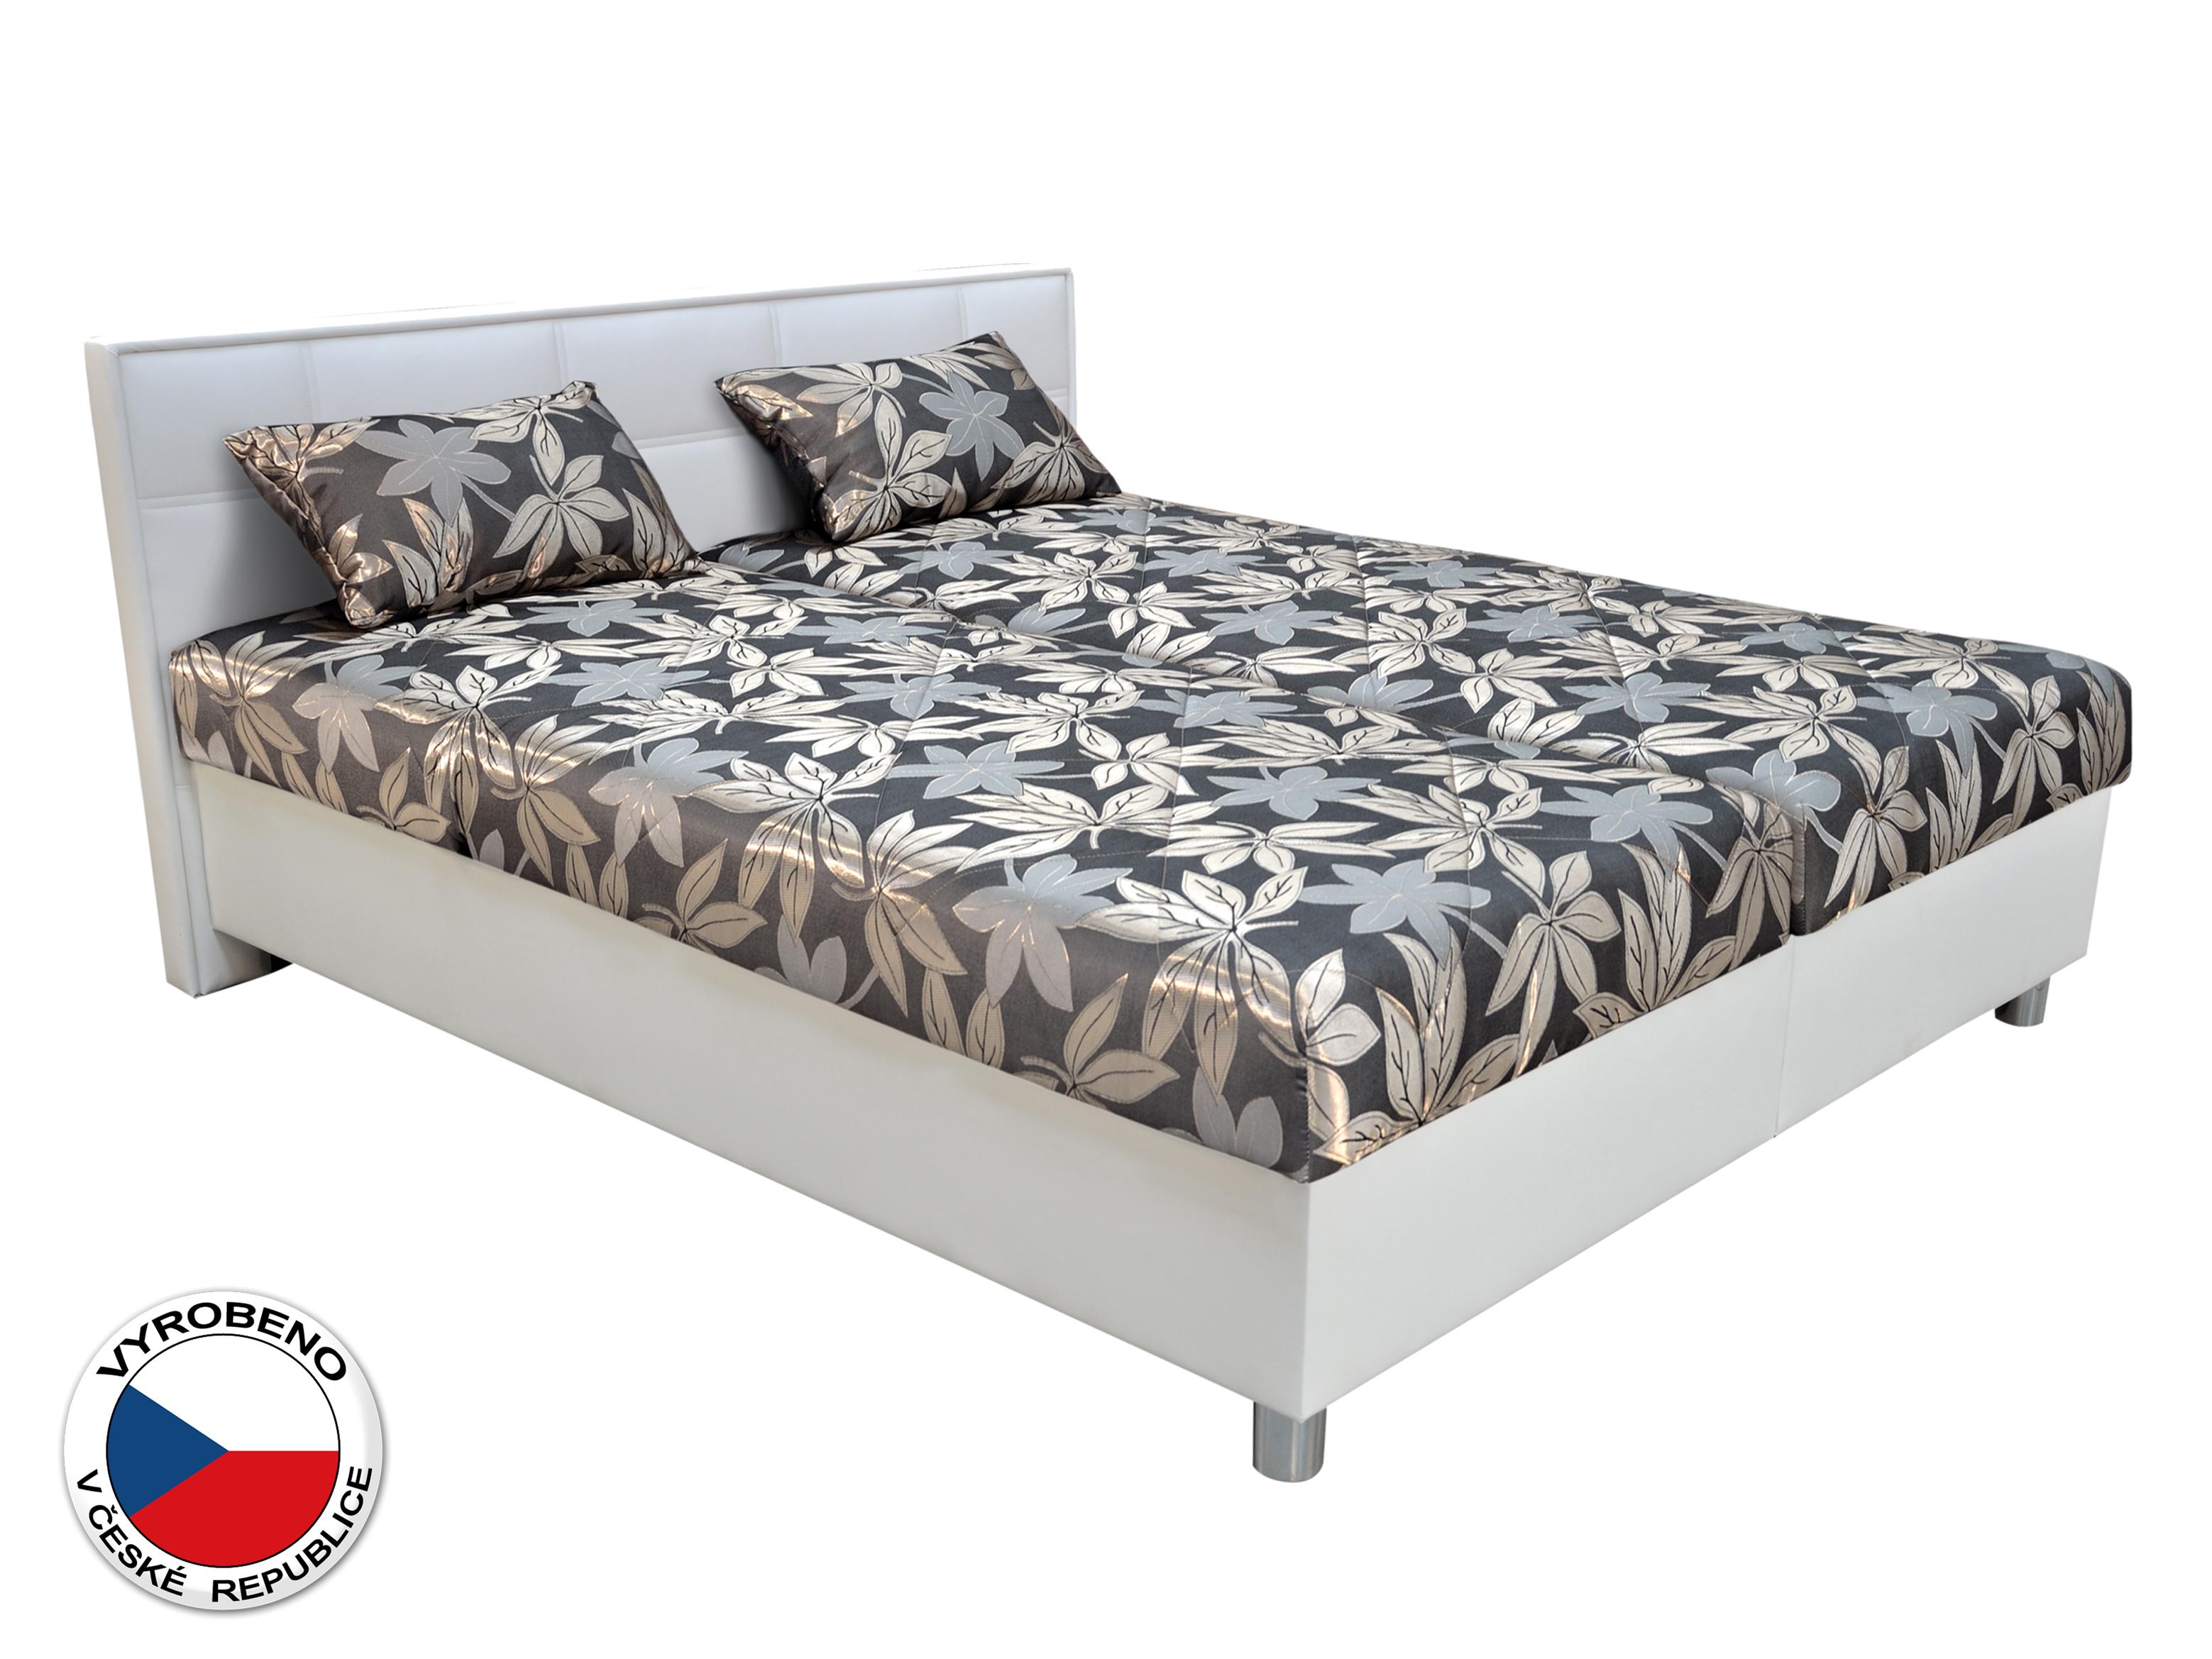 Manželská postel 160 cm - Blanář - Belfast (šedá + bílá) (s rošty a matracemi)